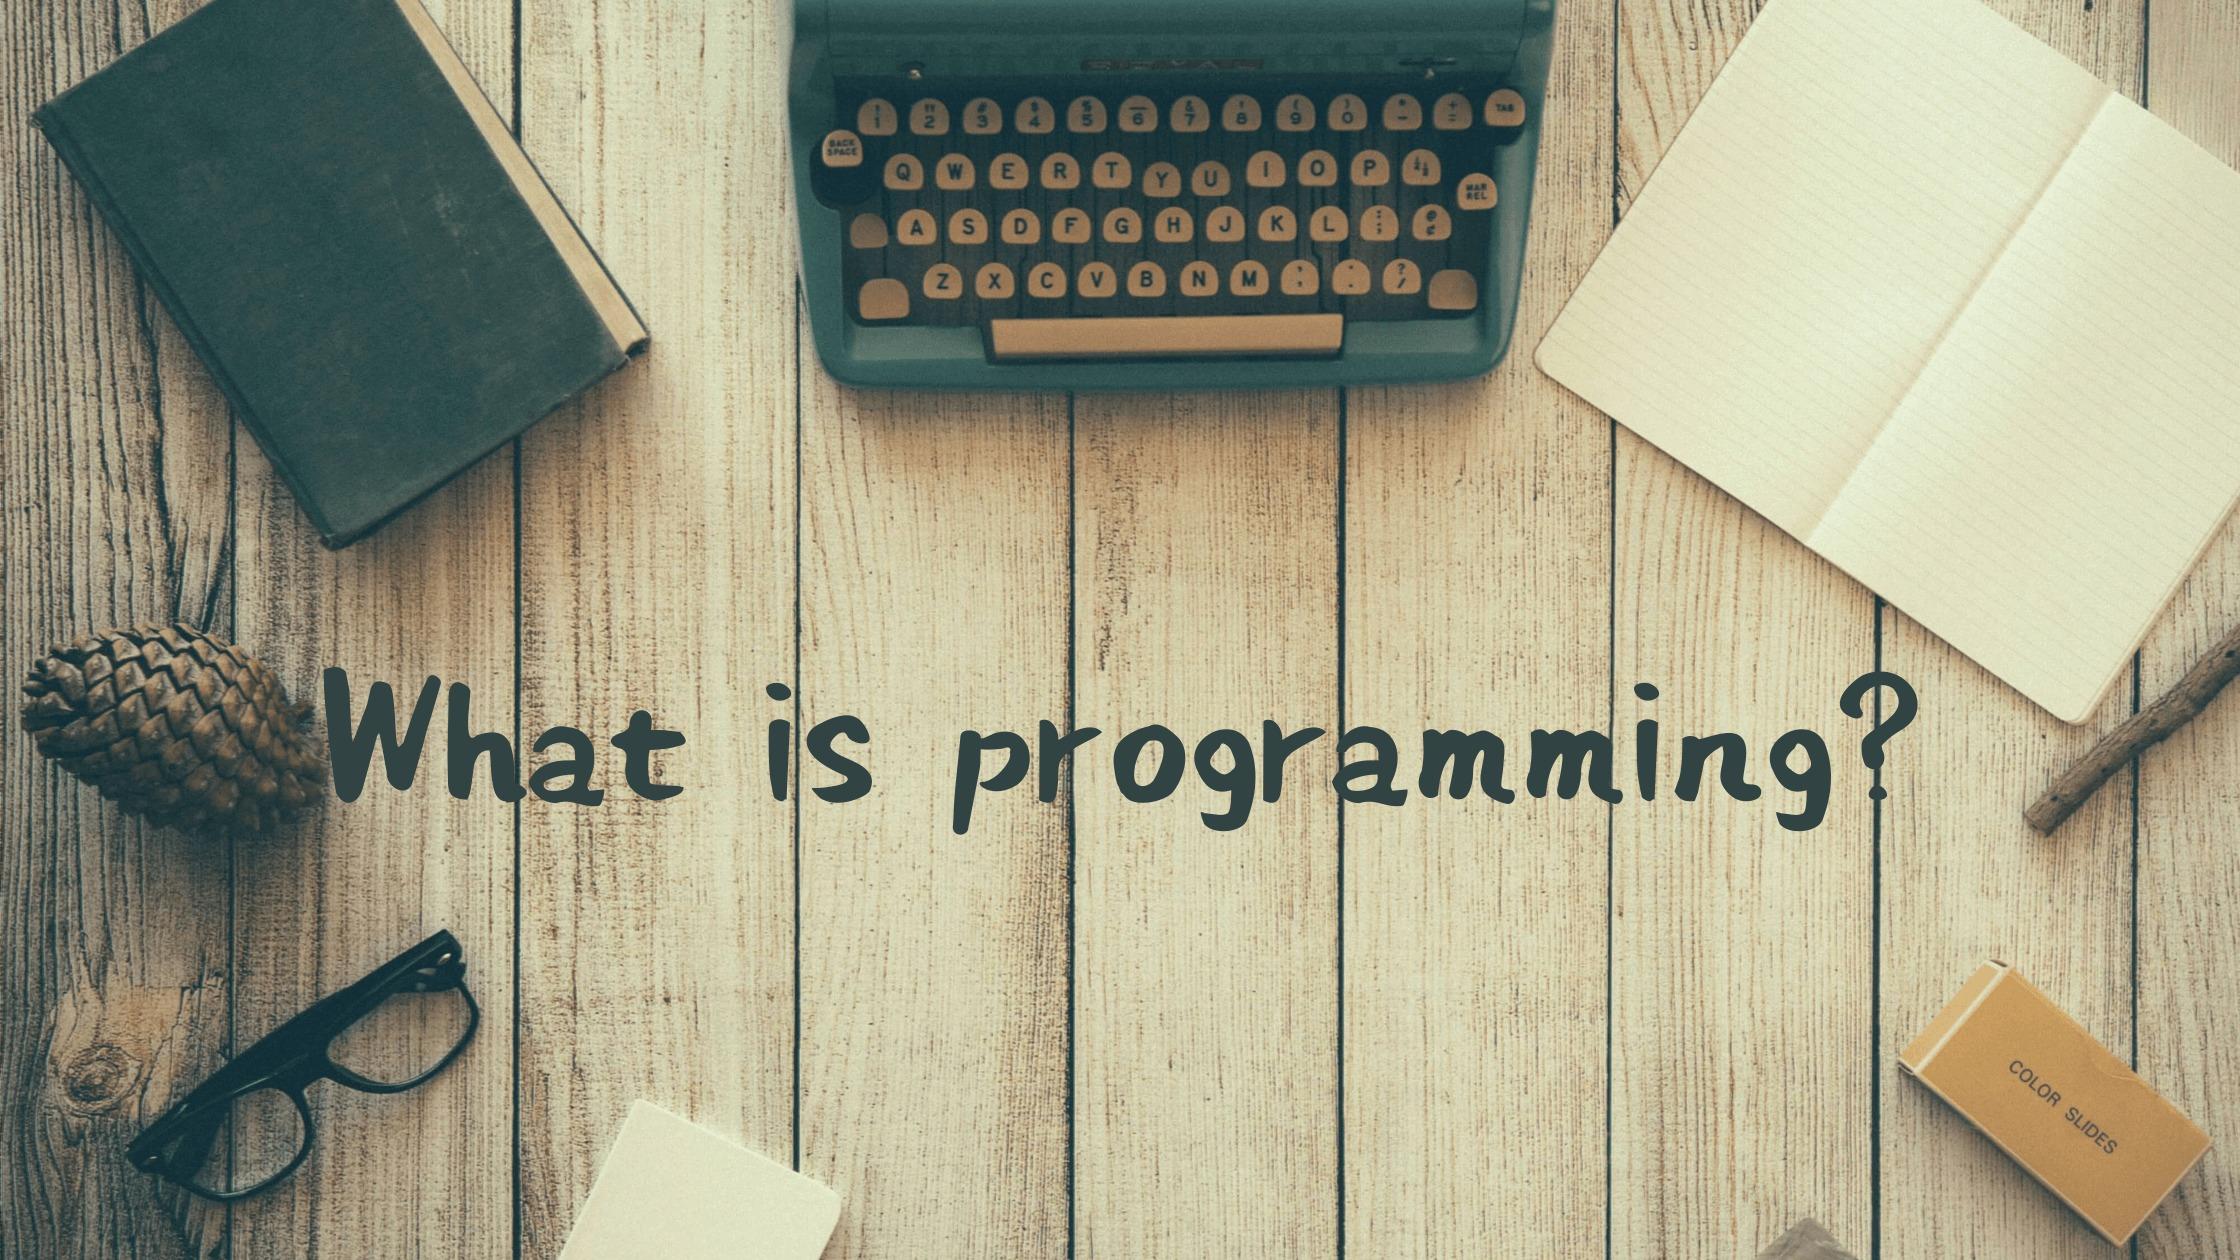 プログラミングとは【パズドラで簡単に解説】